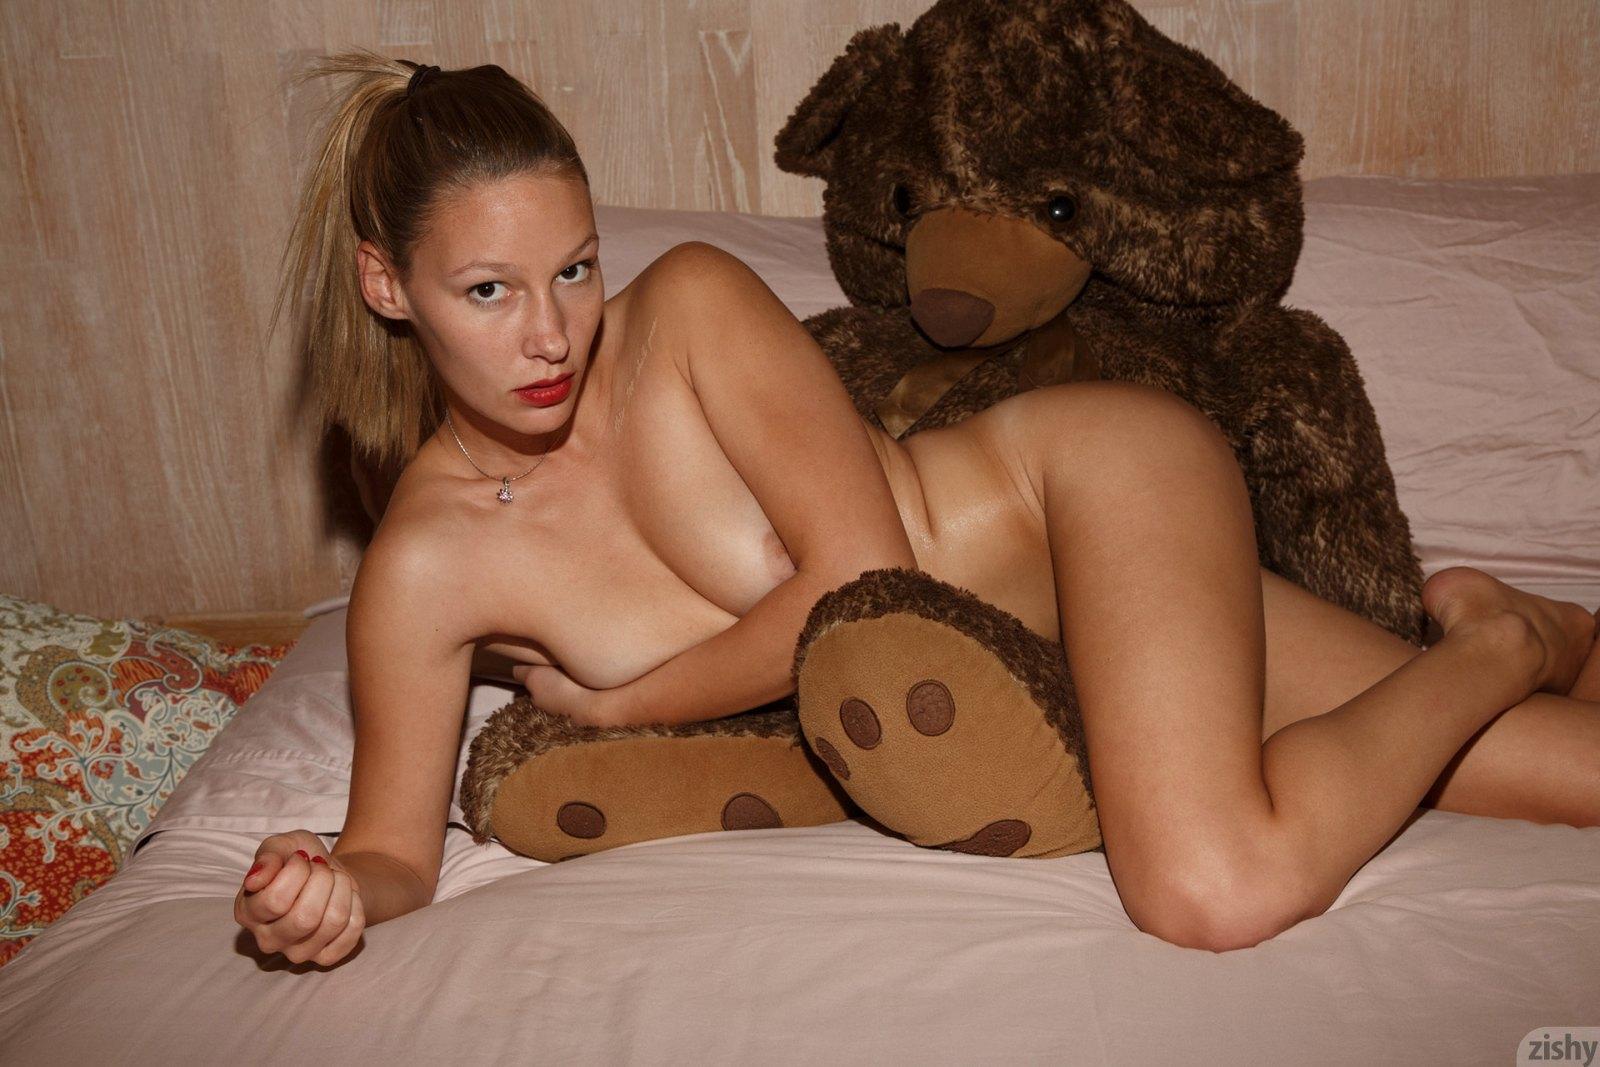 Heidi Bichette Nude